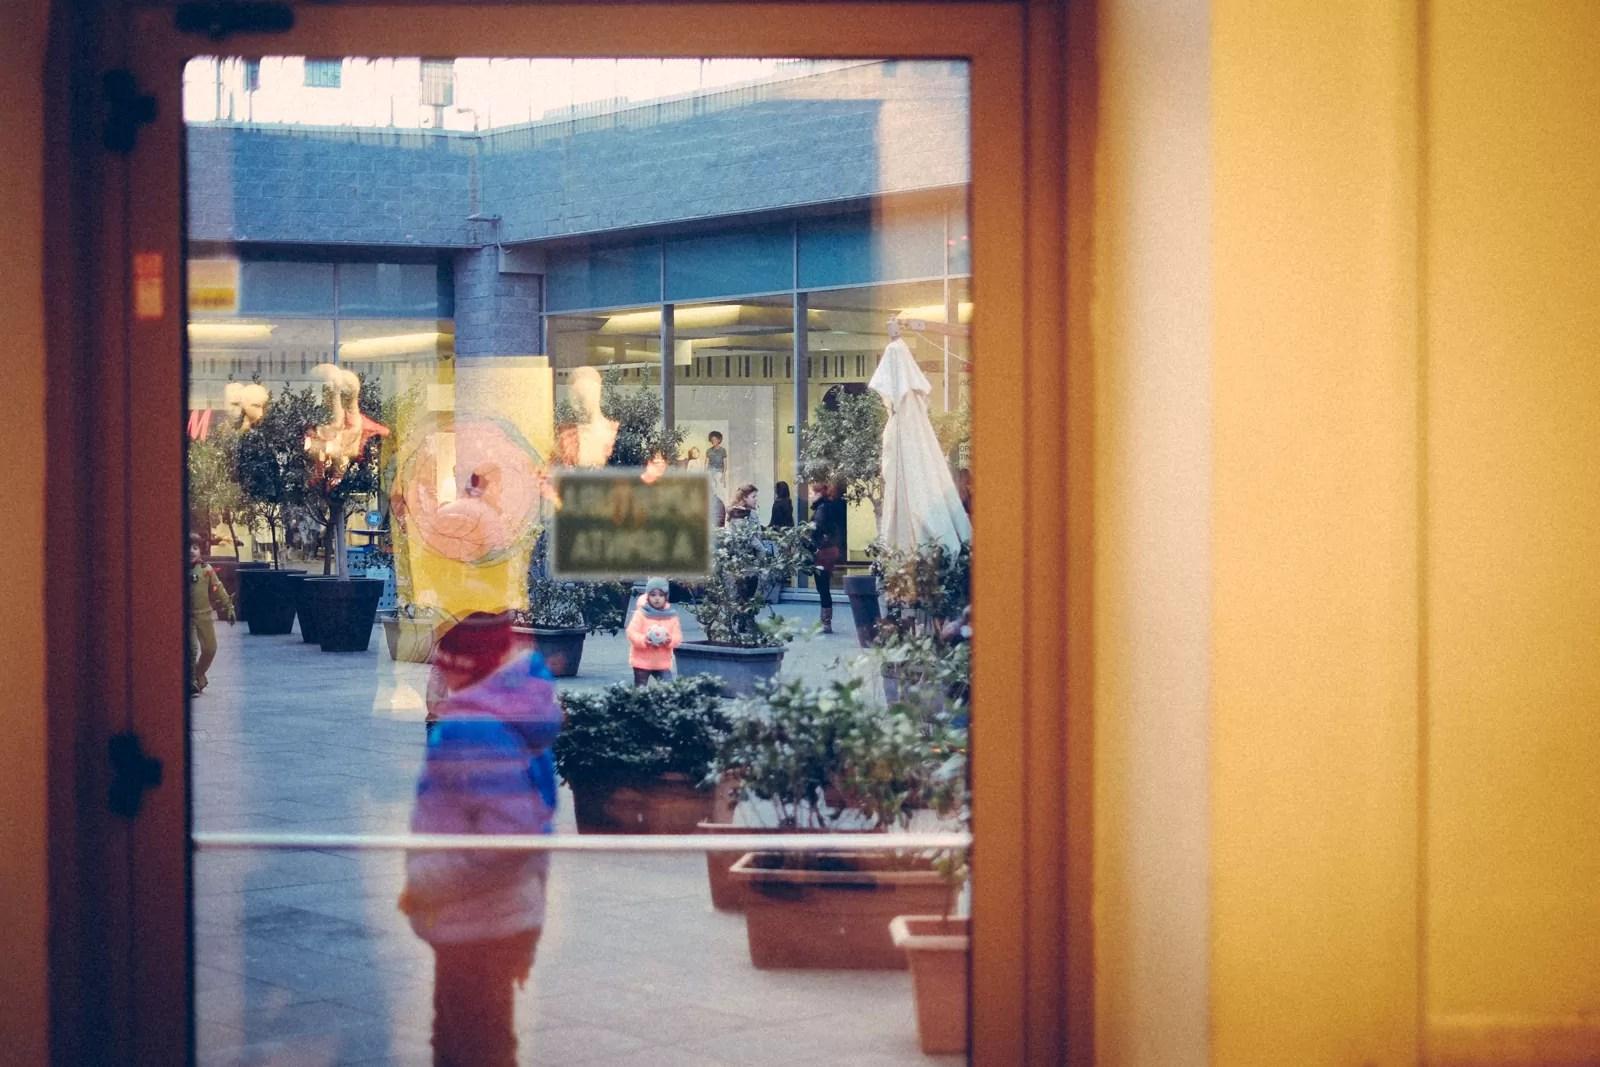 DSCF84951 - il miglior momento per fotografare street photography - fotostreet.it